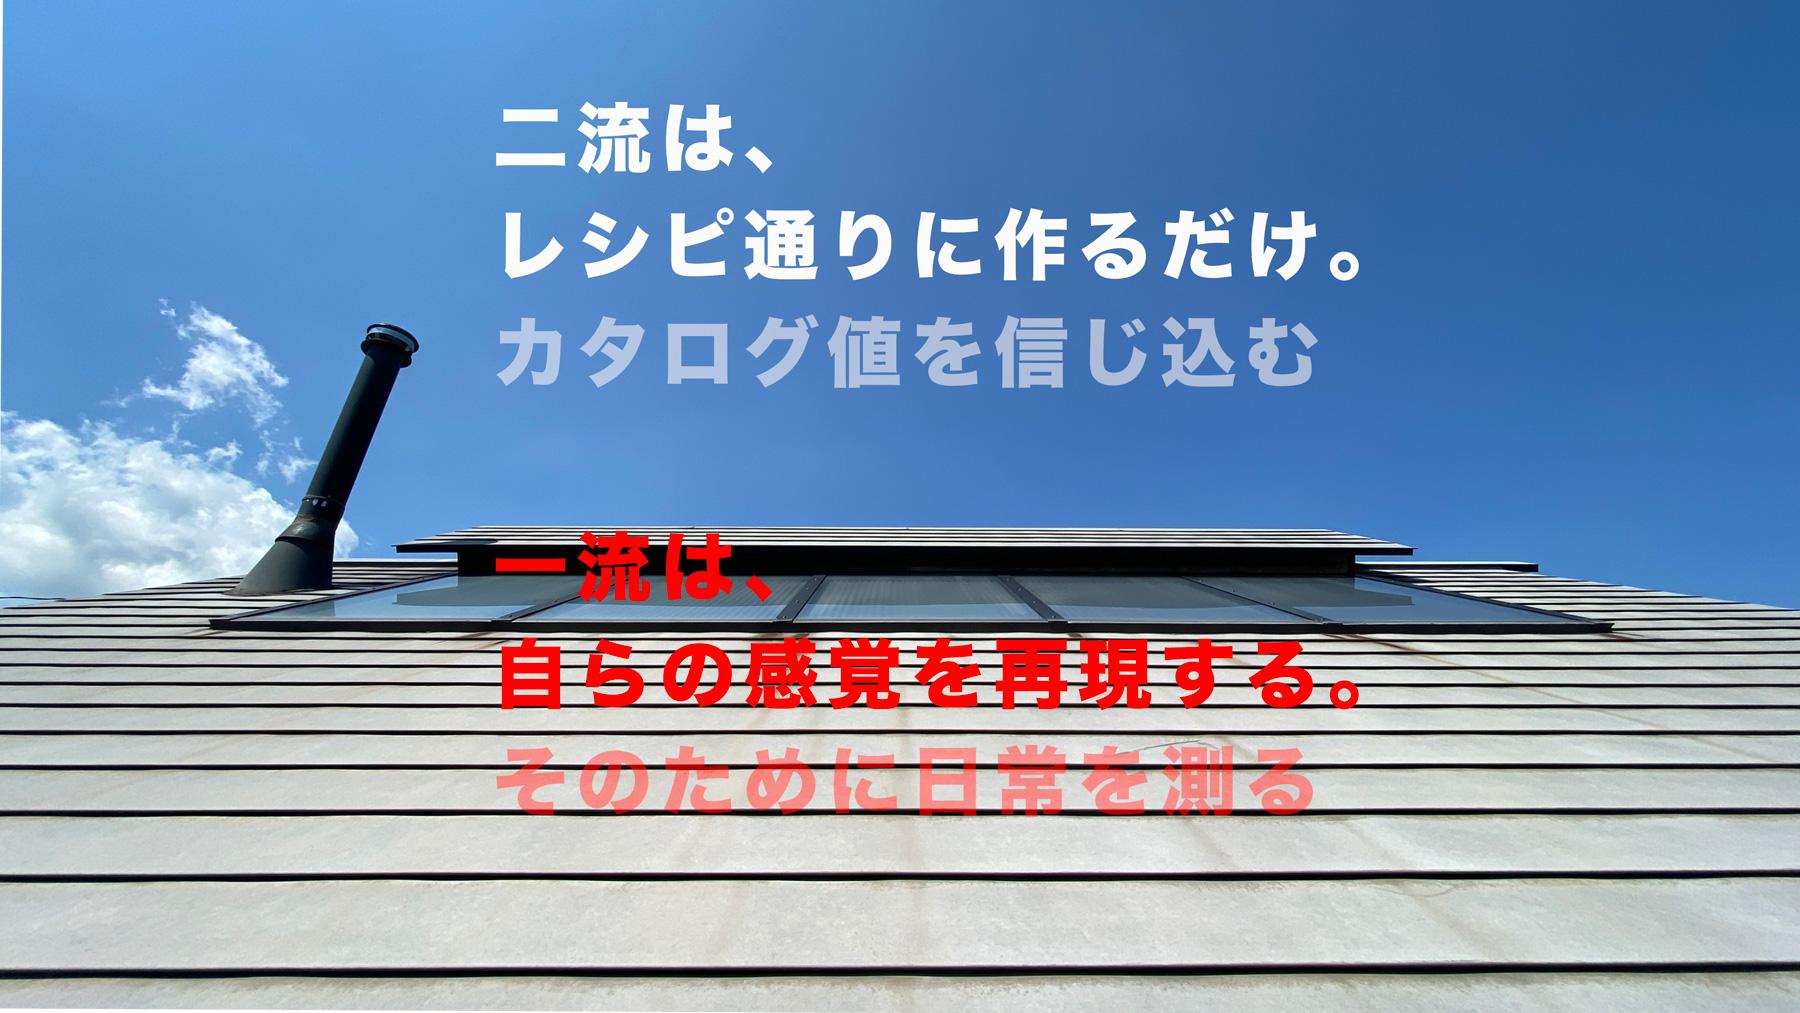 暑い寒いの『モノサシ』2